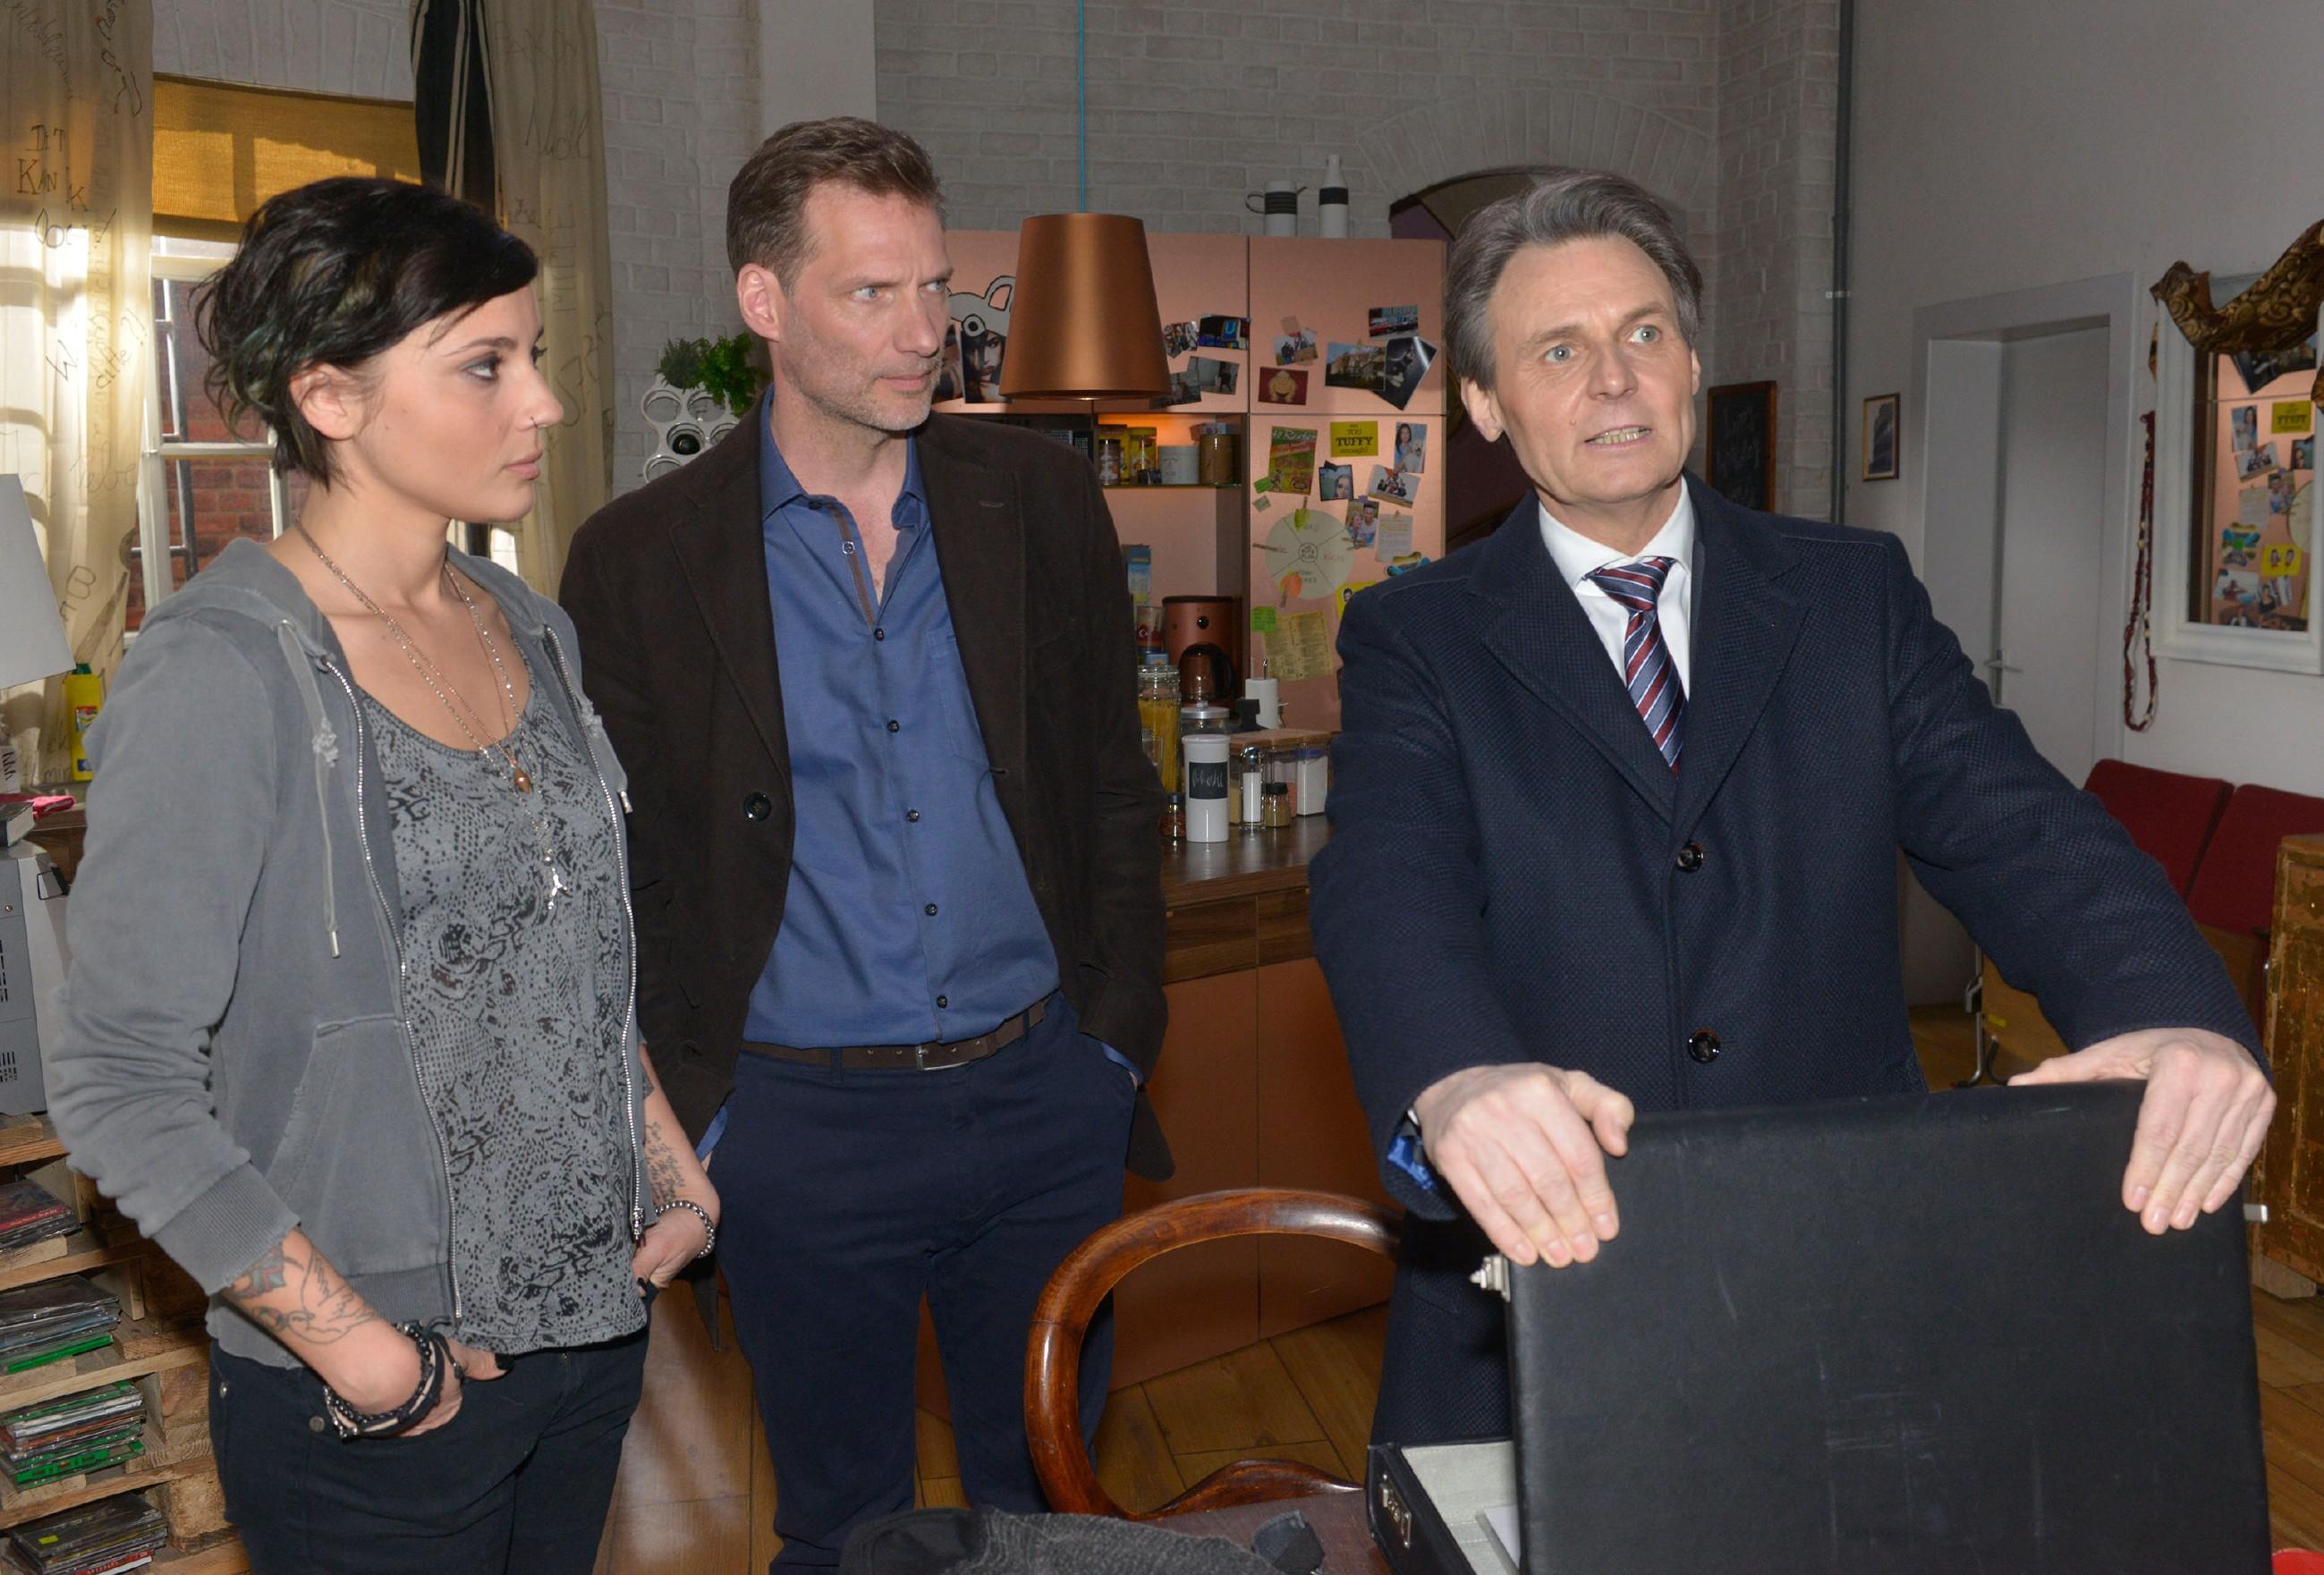 Gerner (Wolfgang Bahro, r.) versucht eine Absprache zwischen Anni (Linda Marlen Runge) und Alexander (Clemens Löhr) zu verhindern. (Quelle: RTL / Rolf Baumgartner)